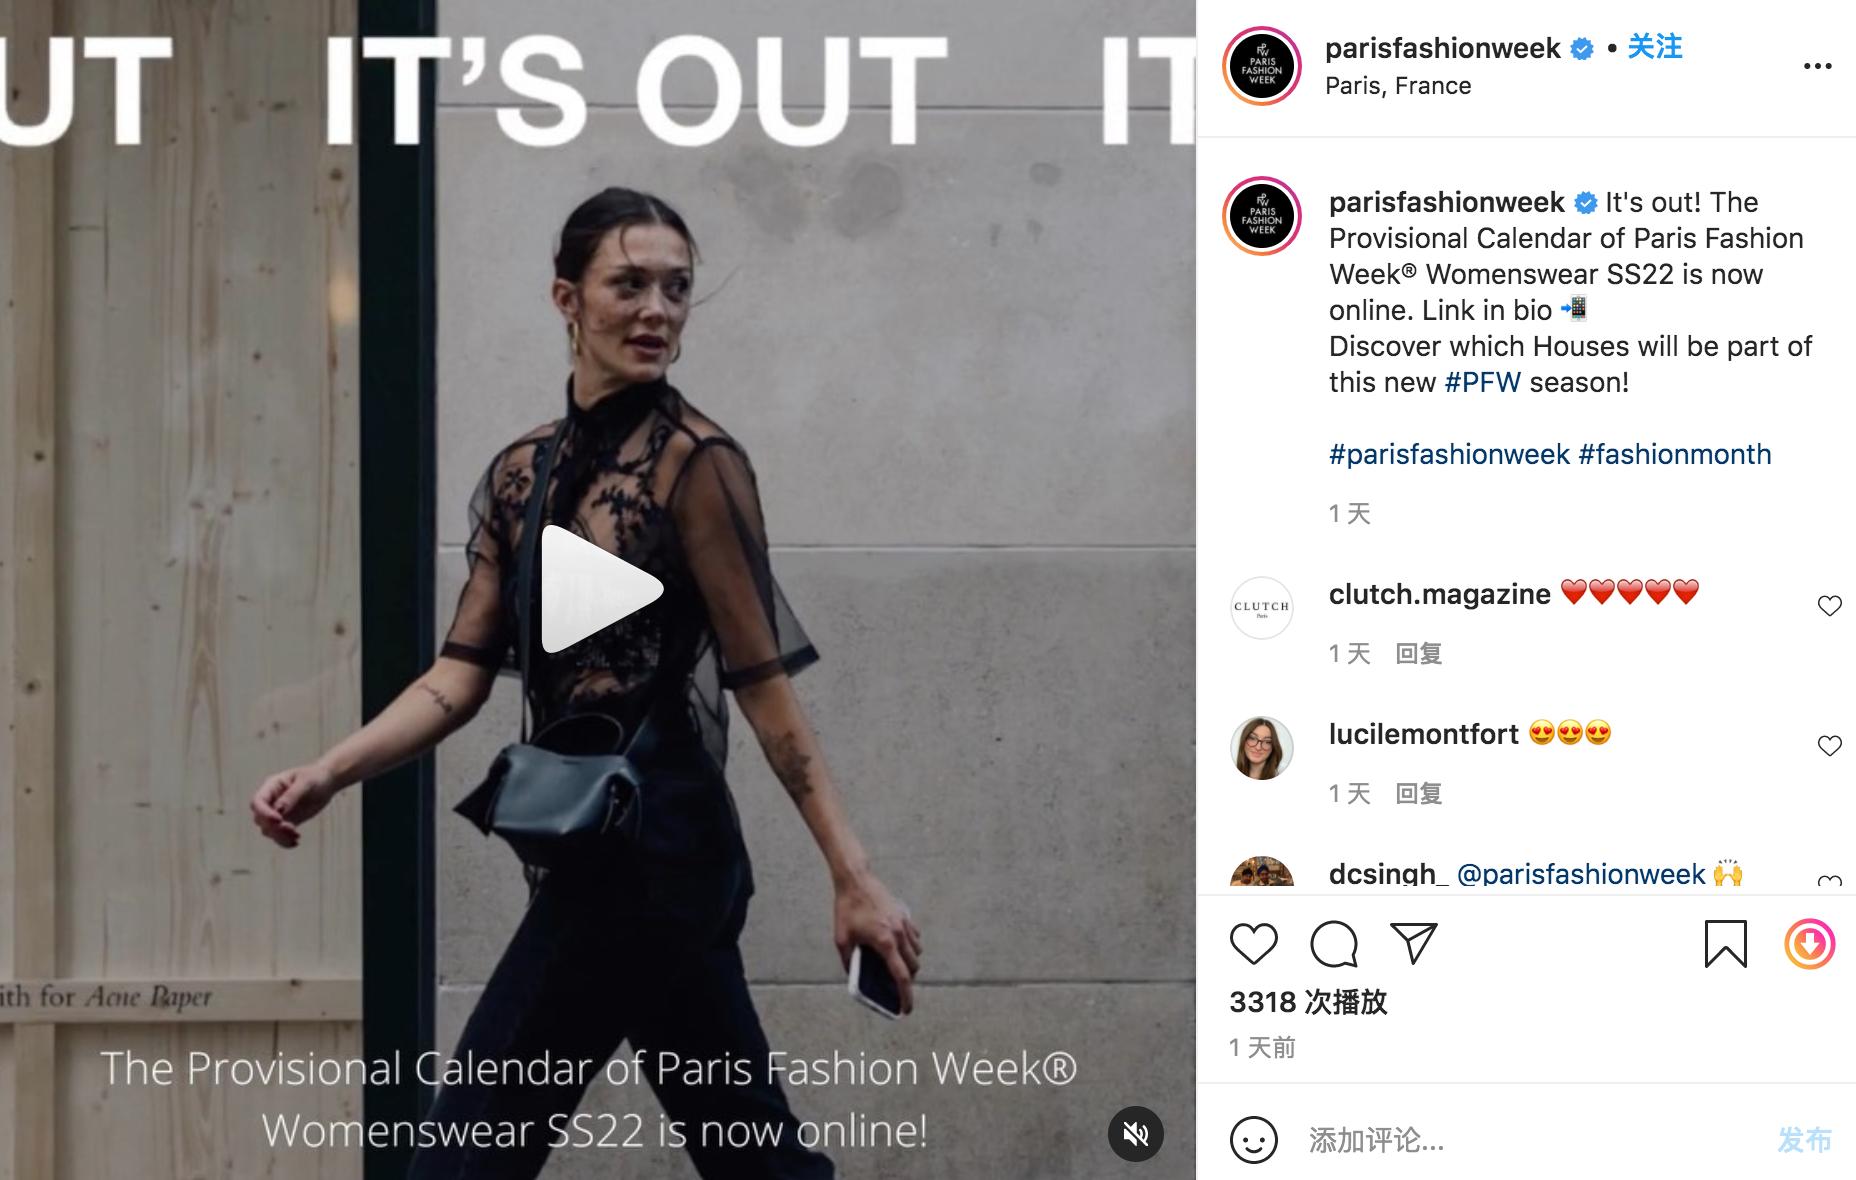 新一季巴黎时装周发布日程表:「上下」和AZ Factory首次亮相,另有五家中国品牌线上参与